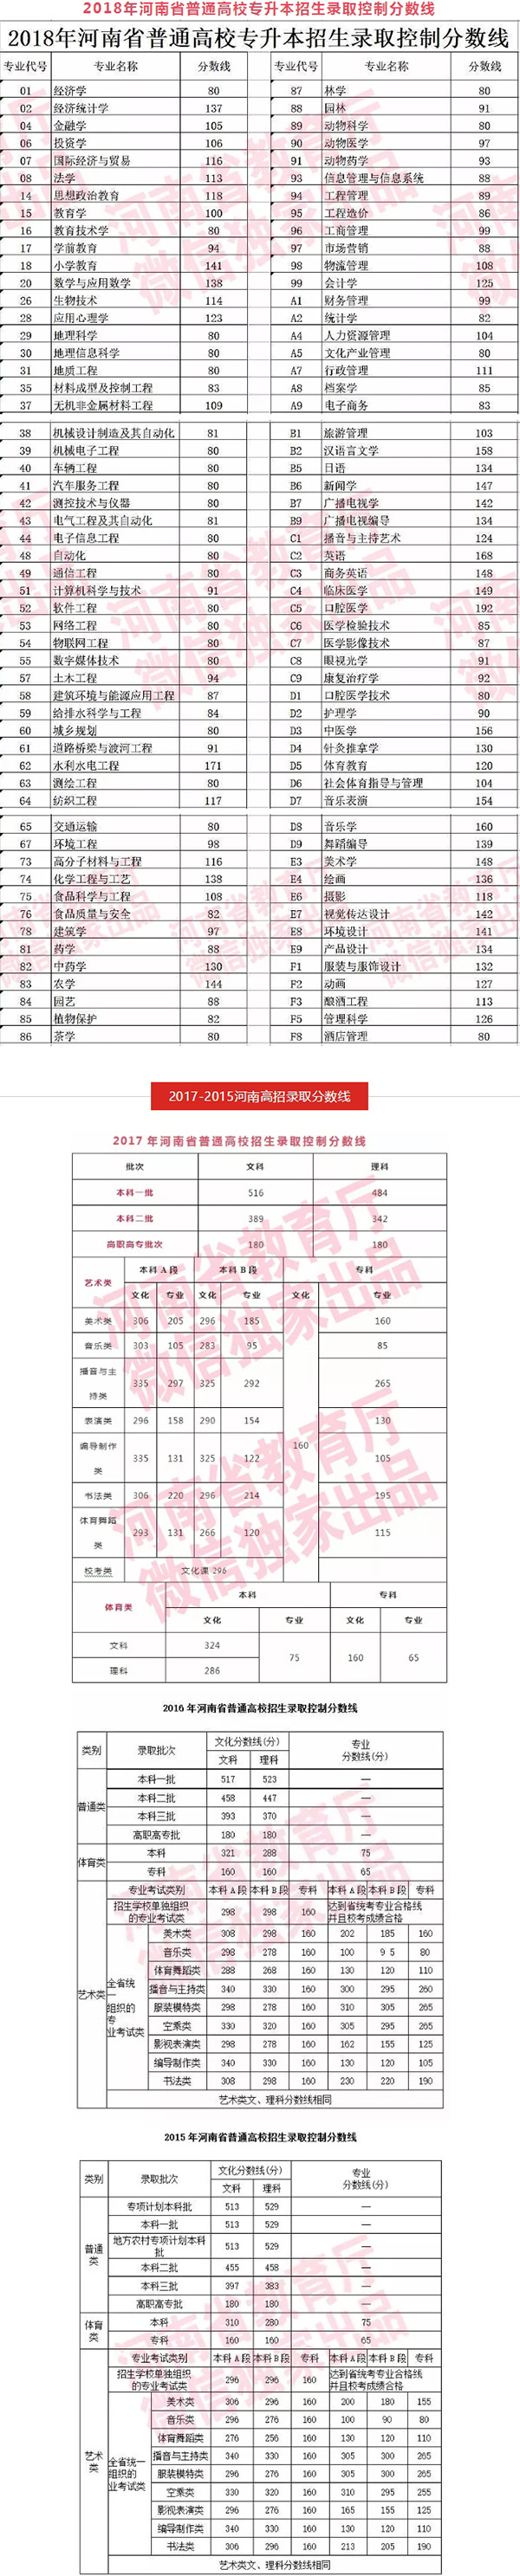 2018河南高考分数线公布:文科一本547 ,理科499